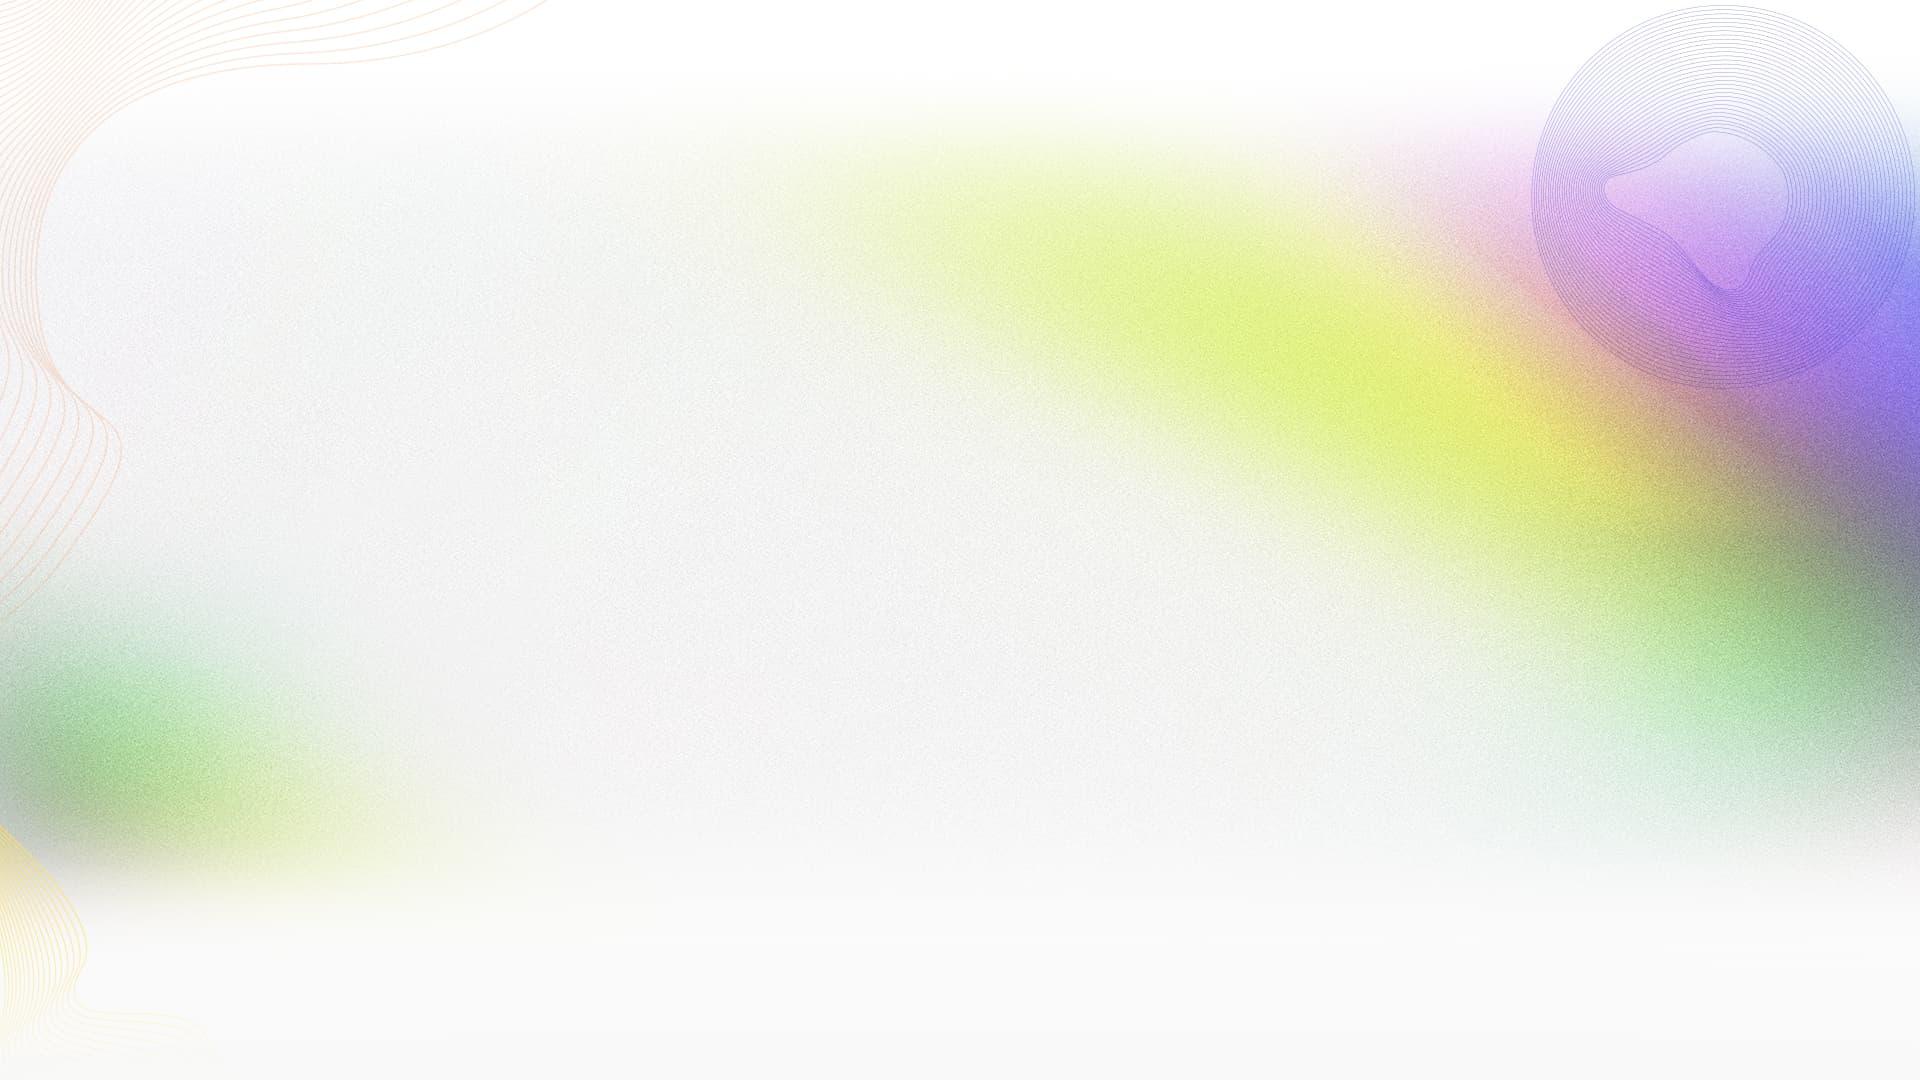 Open Omega background image